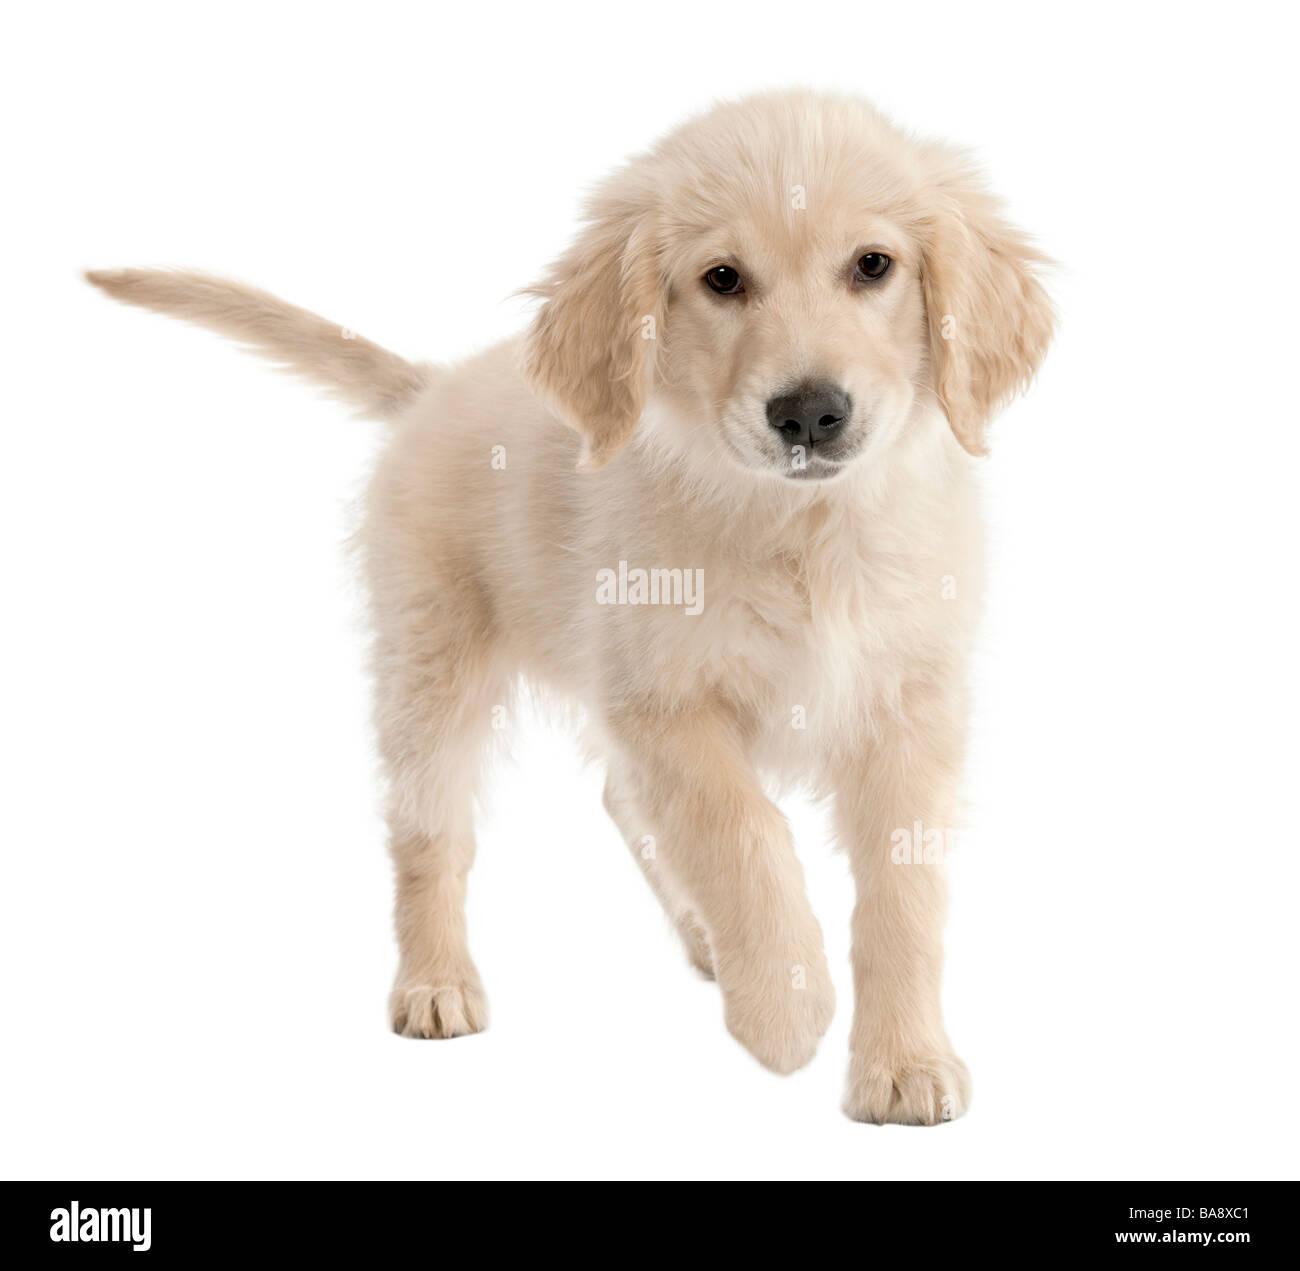 Chiot Golden Retriever 4 mois devant un fond blanc Photo Stock